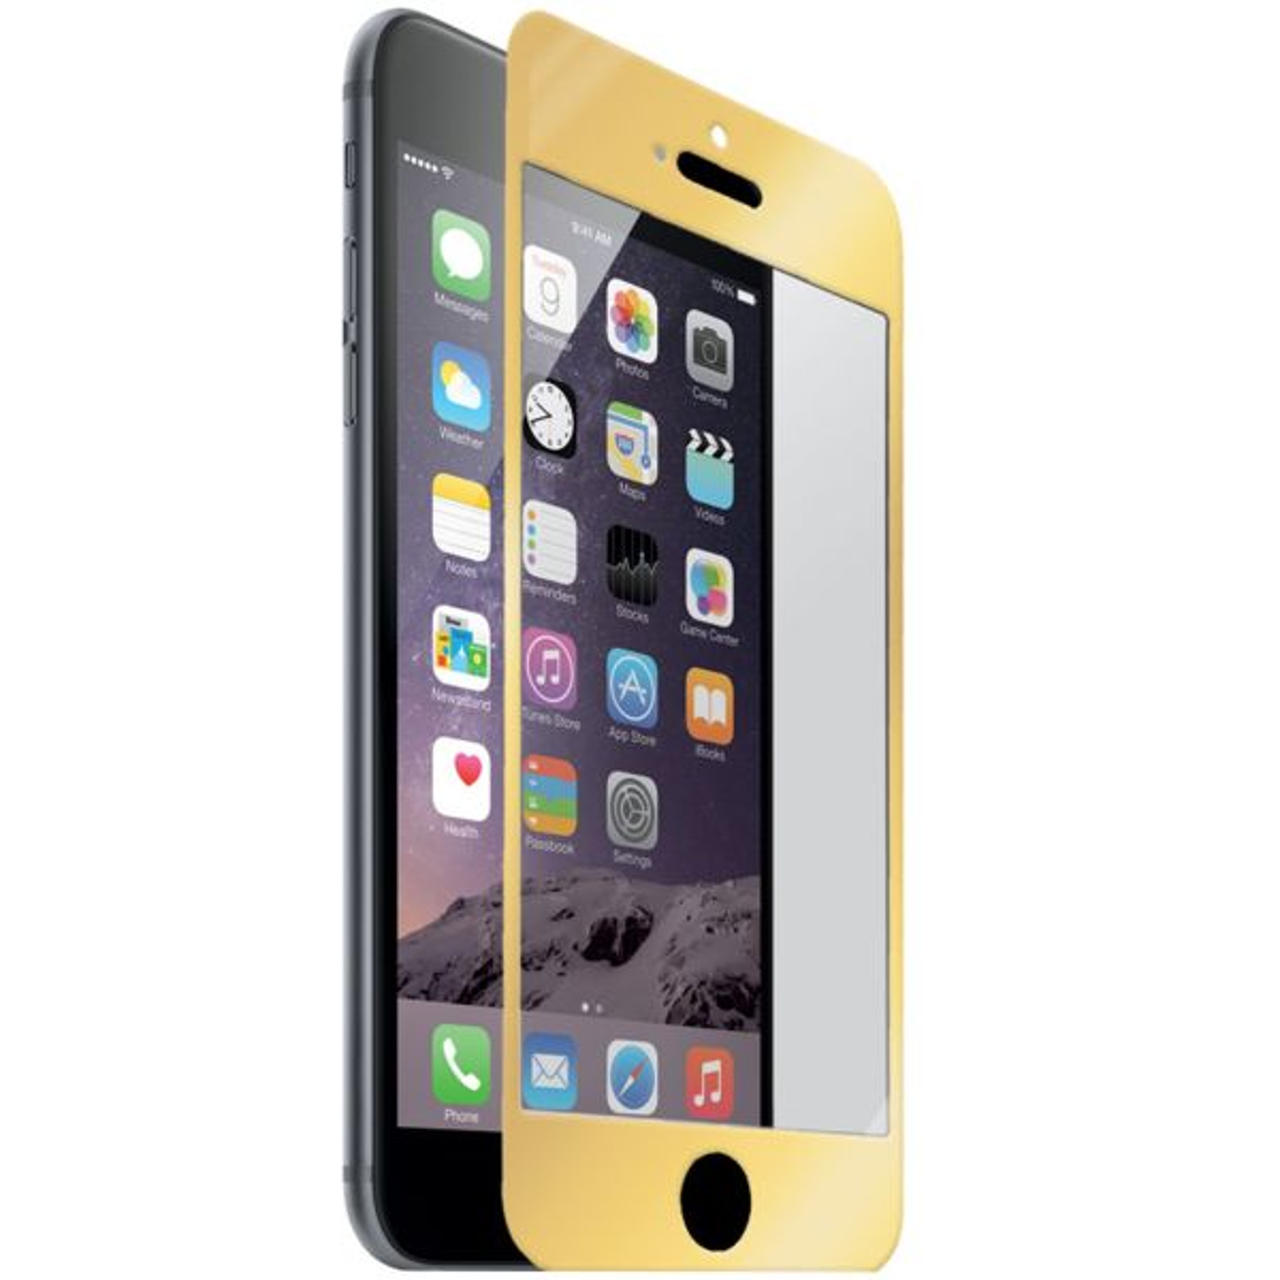 محافظ صفحه نمایش شیشه ای نزتک مدل Tempered مناسب برای گوشی موبایل آیفون 6/6s